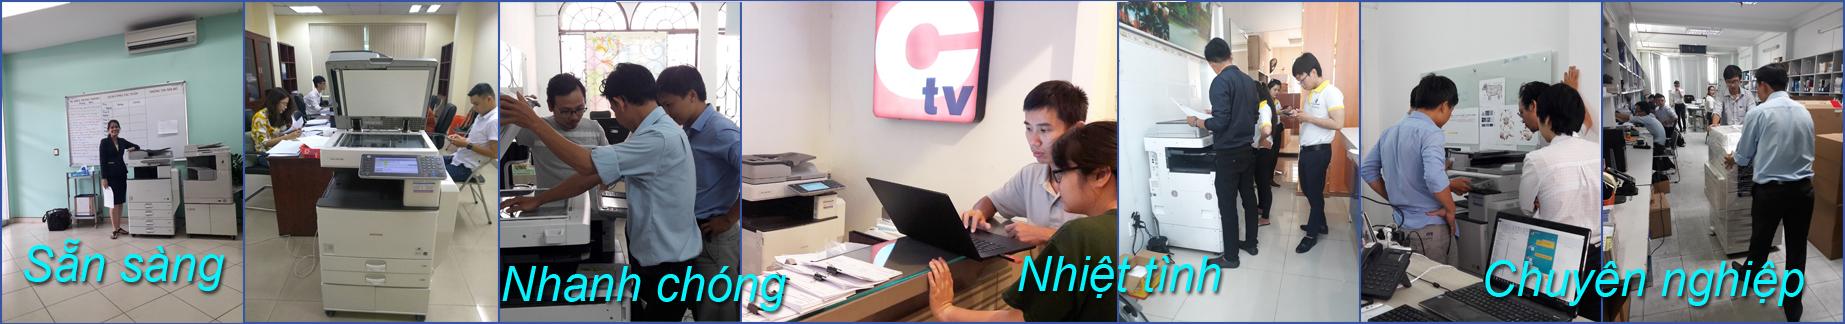 nha-cung-cap-may-photocopy-nhat-tien-thanh